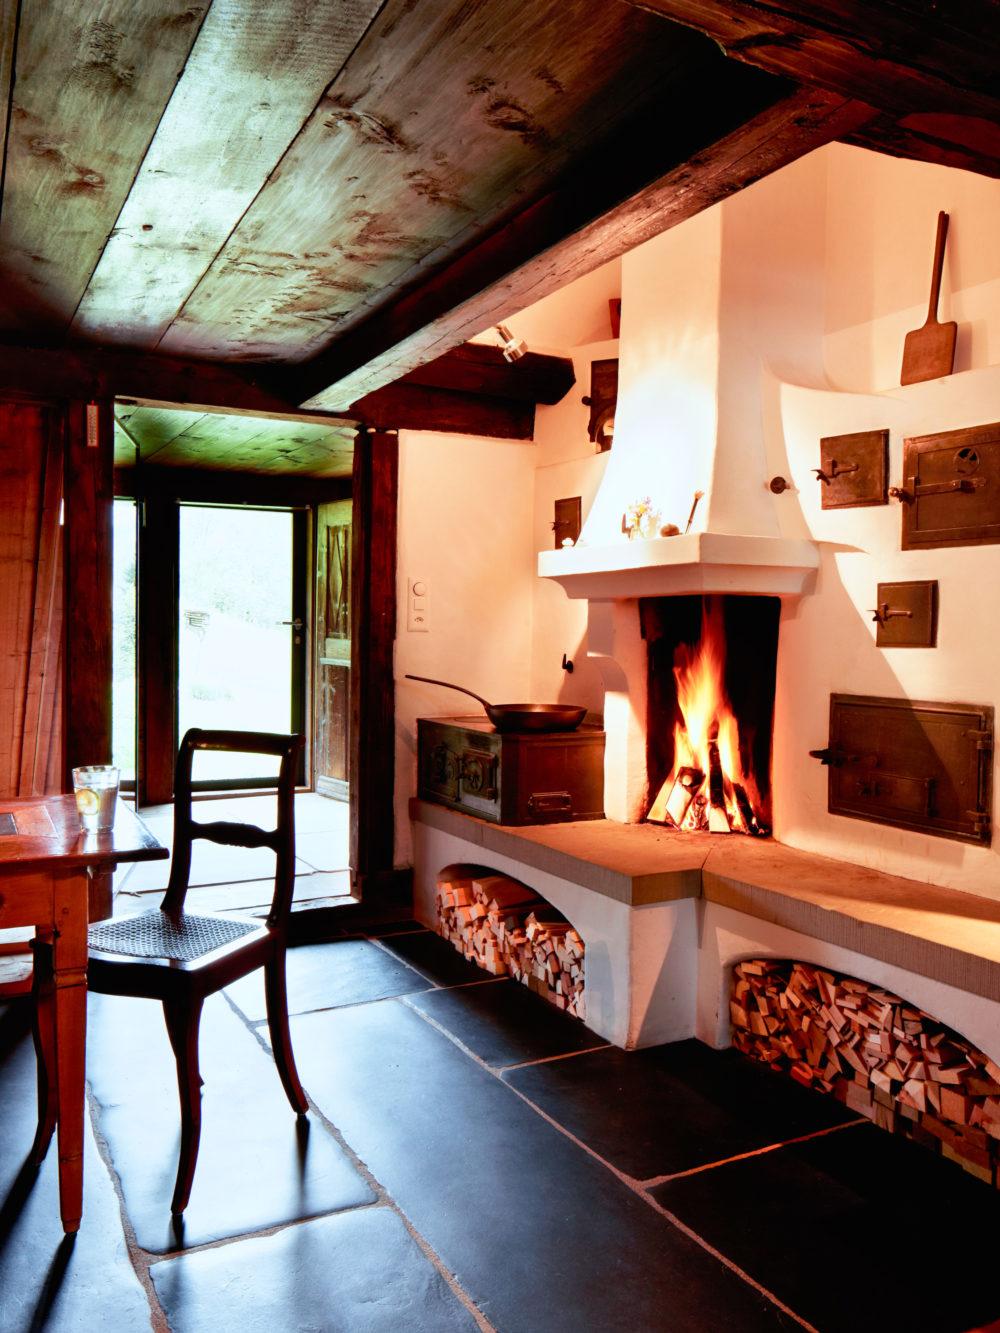 Feuerstelle, antiker Blechspeicherofen und Holzherd in Amden